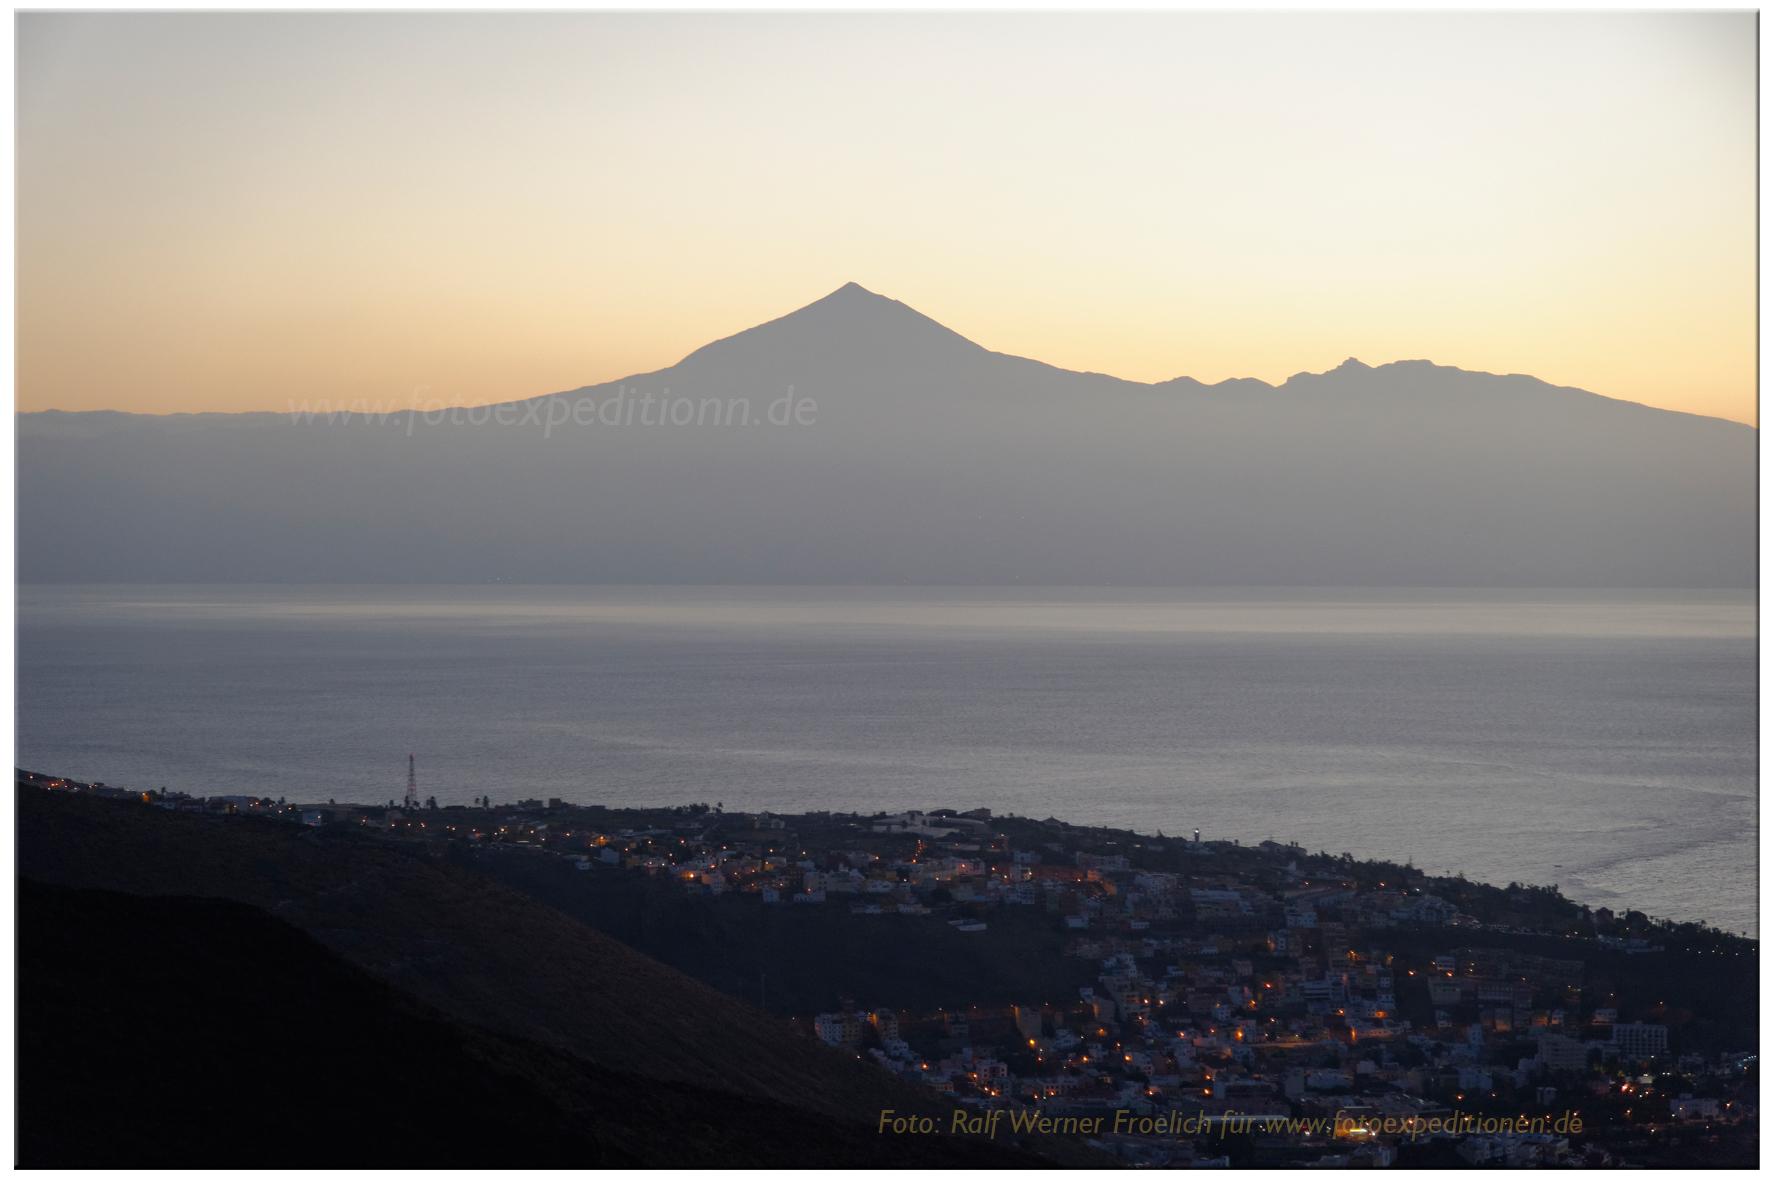 El Teide von Gomera aus gesehen, im Vordergrund San Sebastian